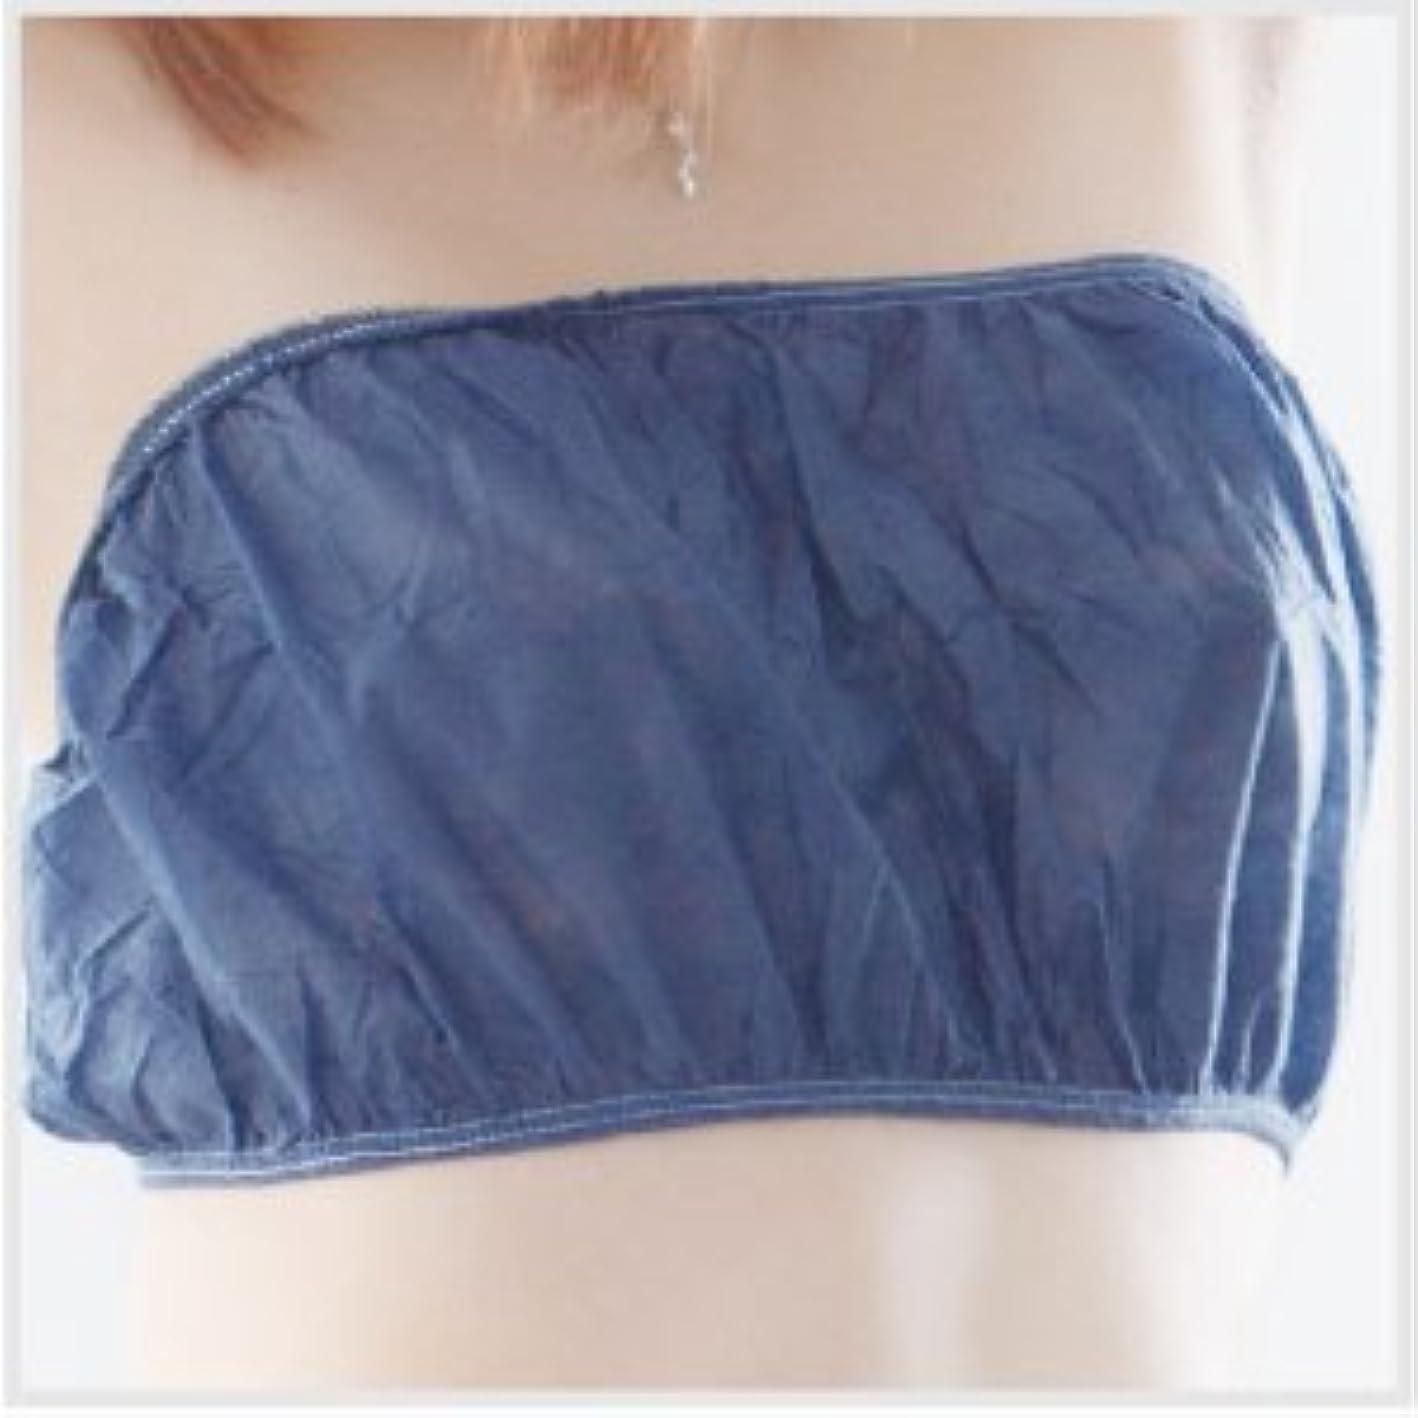 バスケットボールスーツ箱◆ペーパーブラ(フリーサイズ) 50枚入 紺